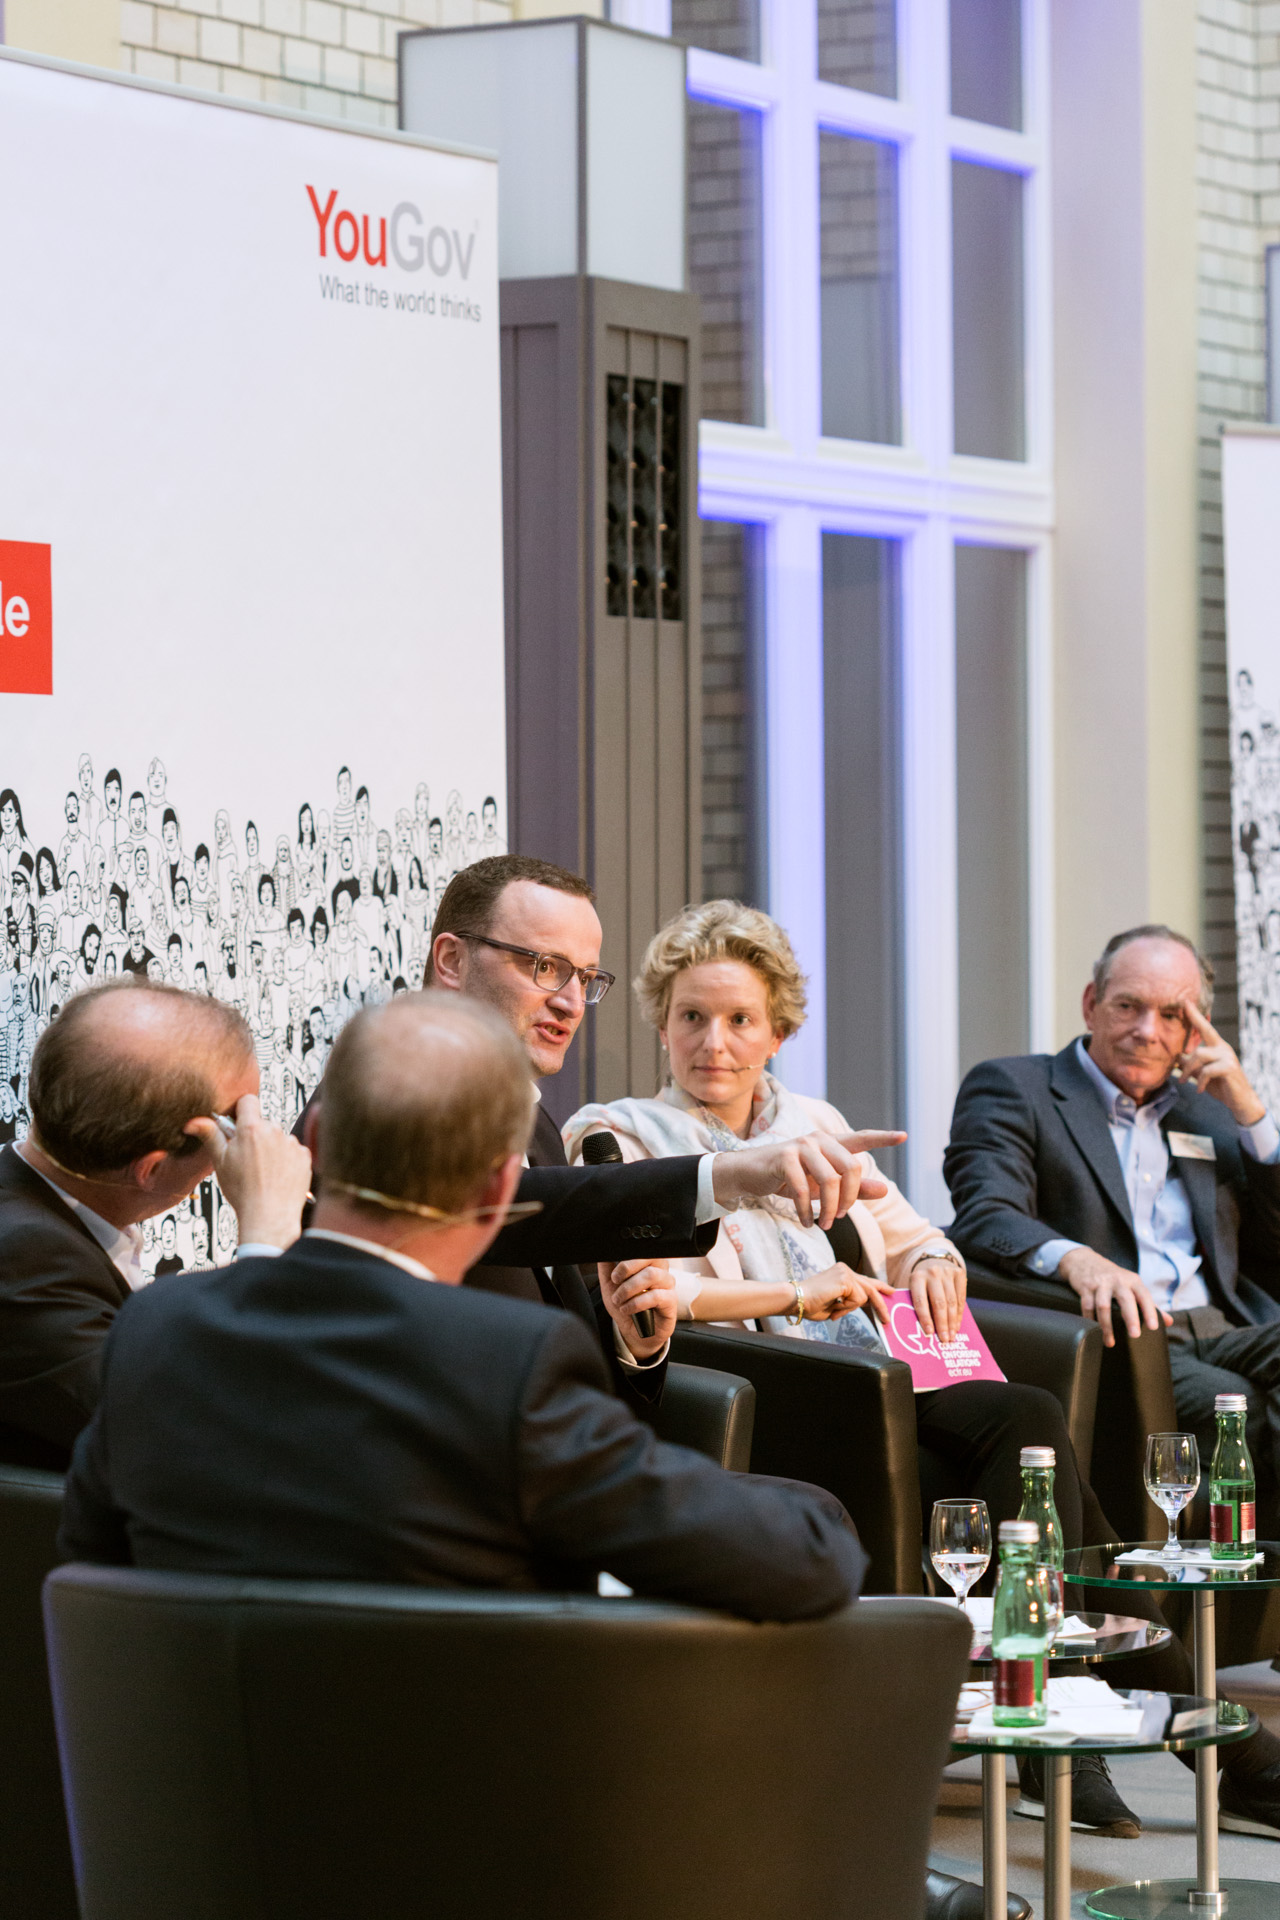 Parlamentarischer Staatssekretär beim Bundesminister der Finanzen, Jens Spahn, in der Diskussion